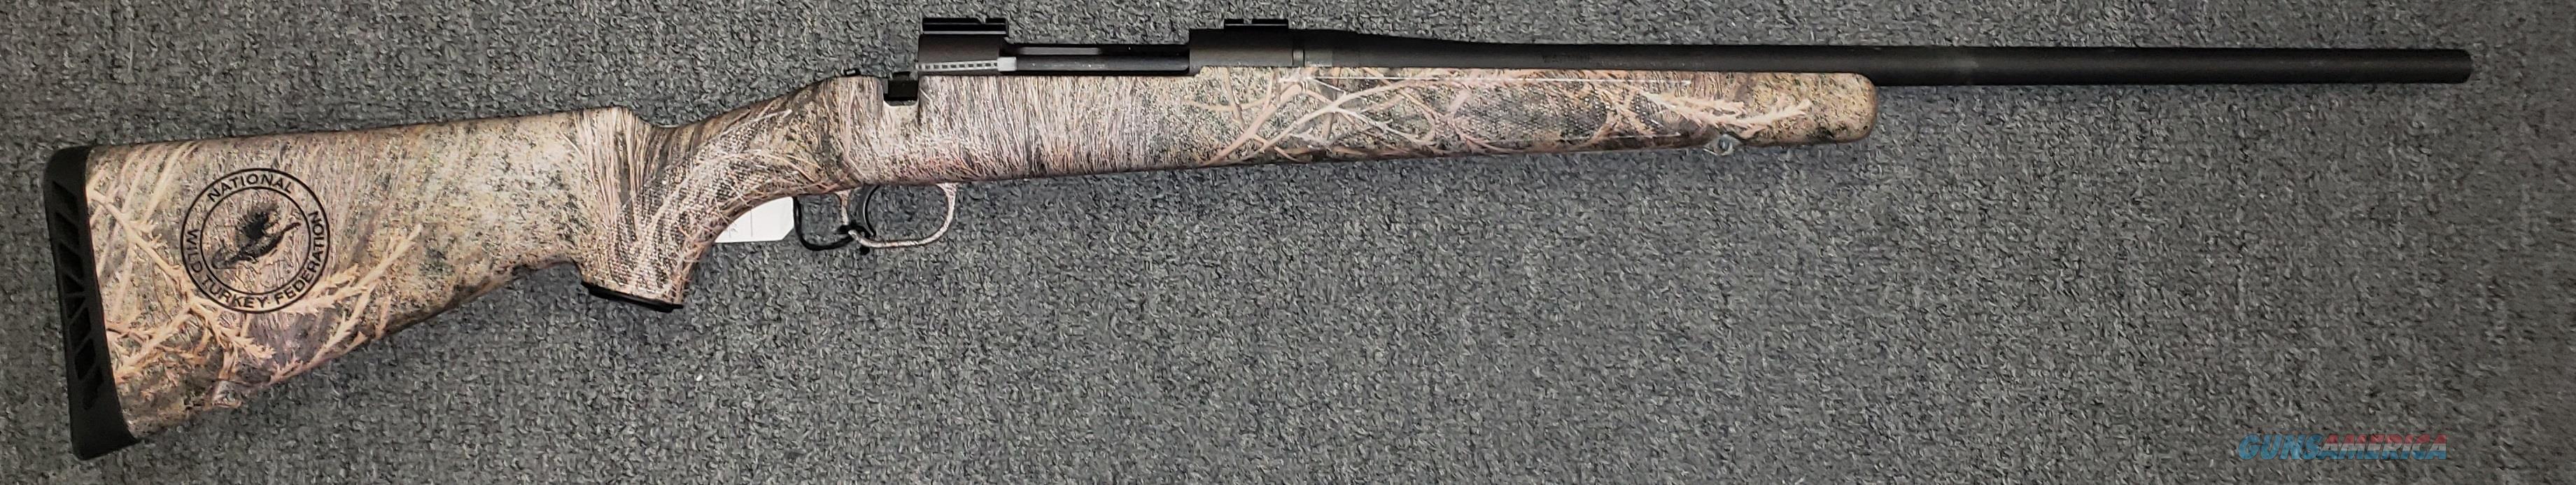 Mossberg 100 ATR  Guns > Rifles > Mossberg Rifles > Other Bolt Action